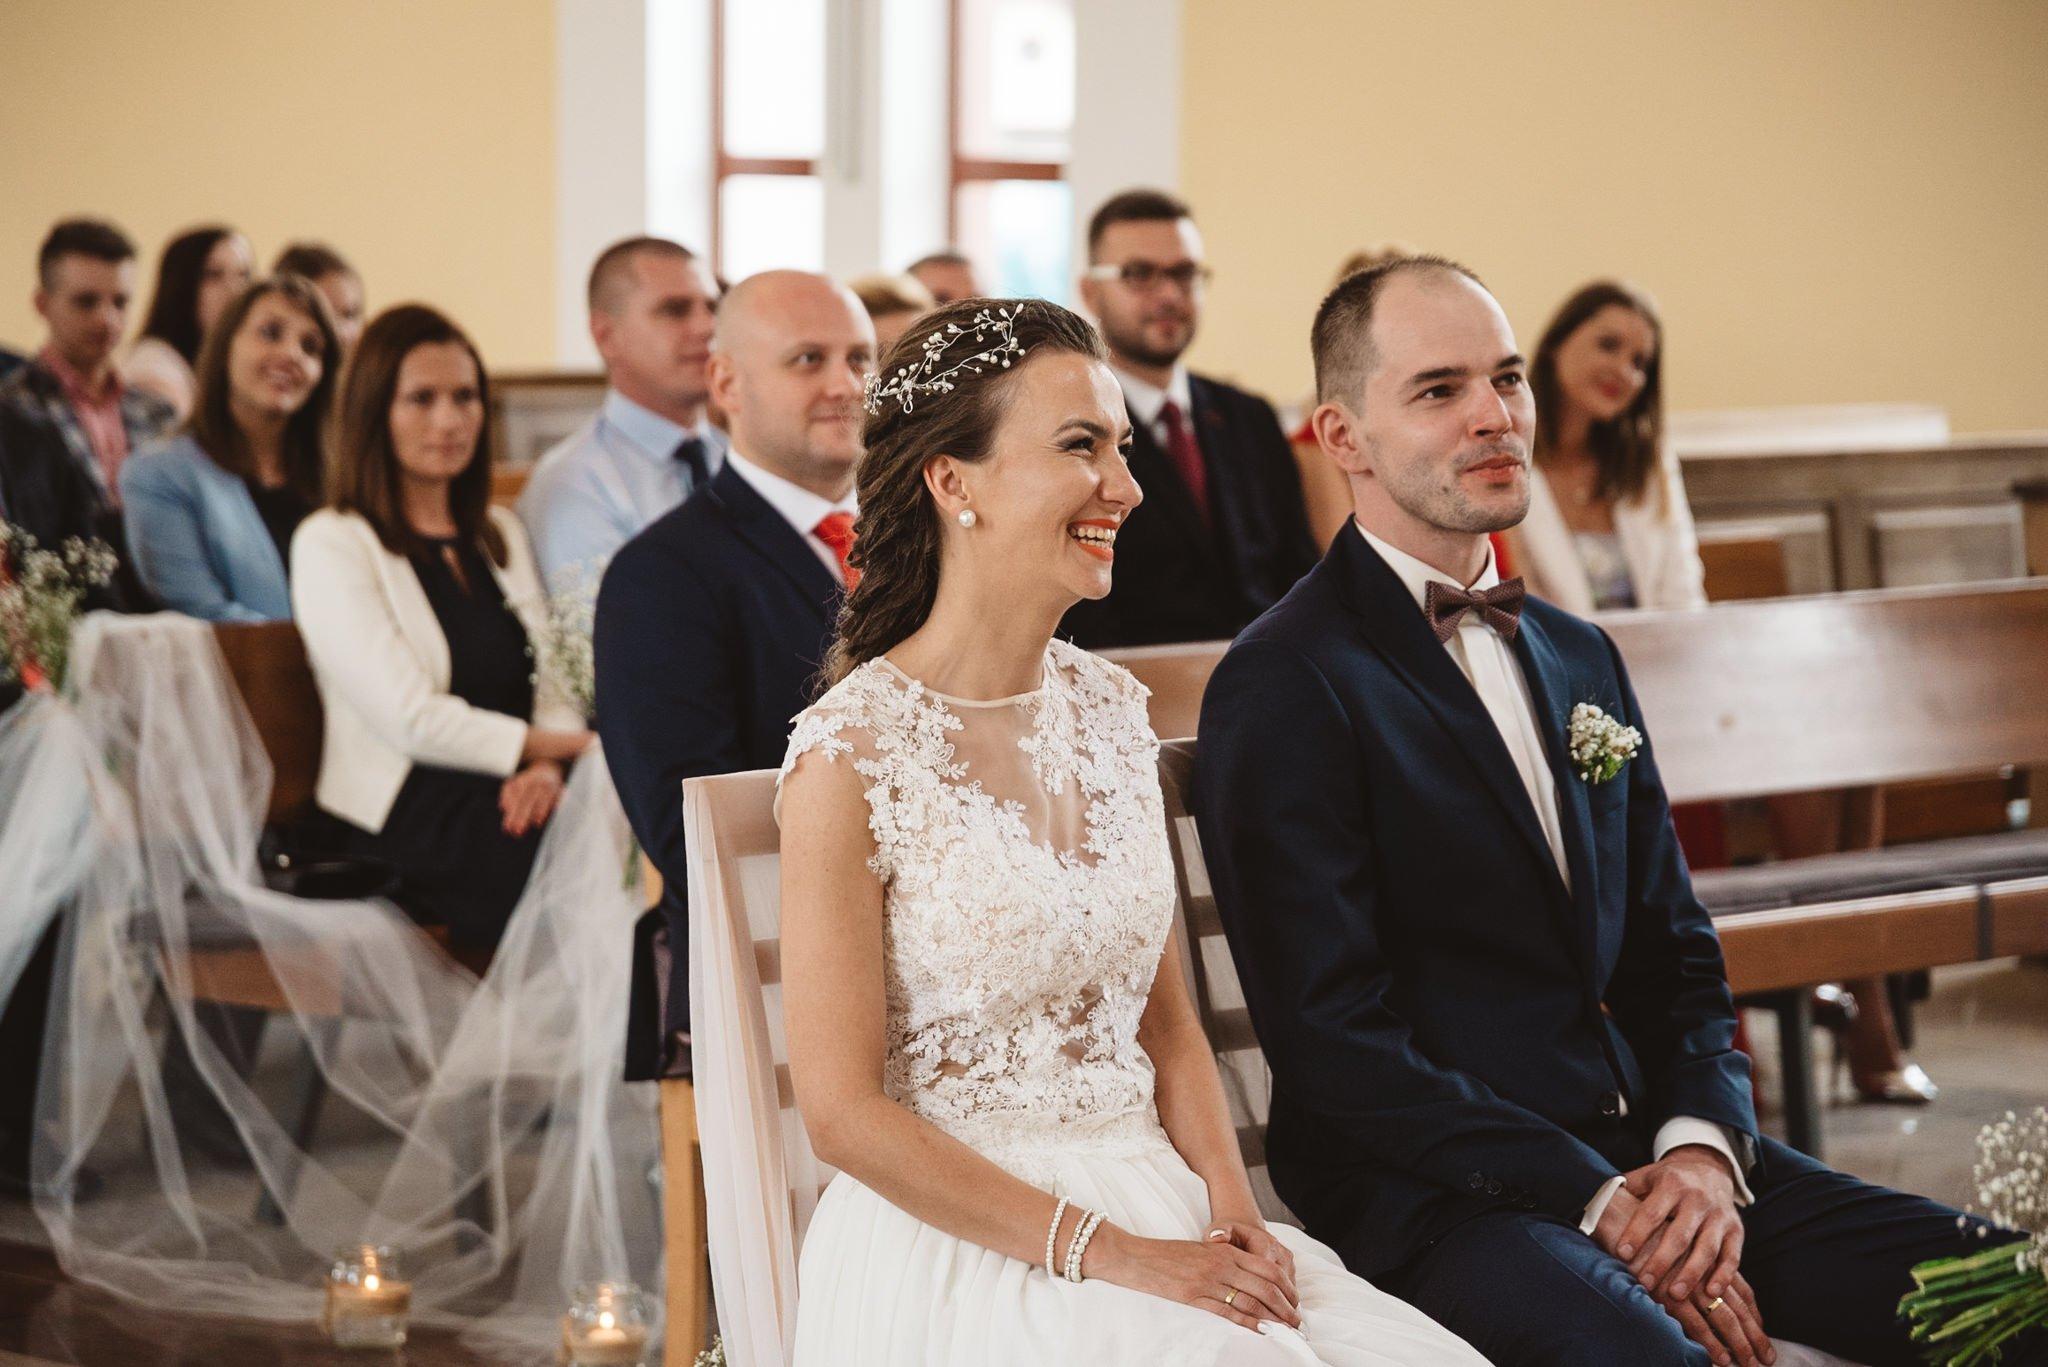 Ala i Arek, czyli jak zorganizować ślub i wesele w 4 tygodnie! 111